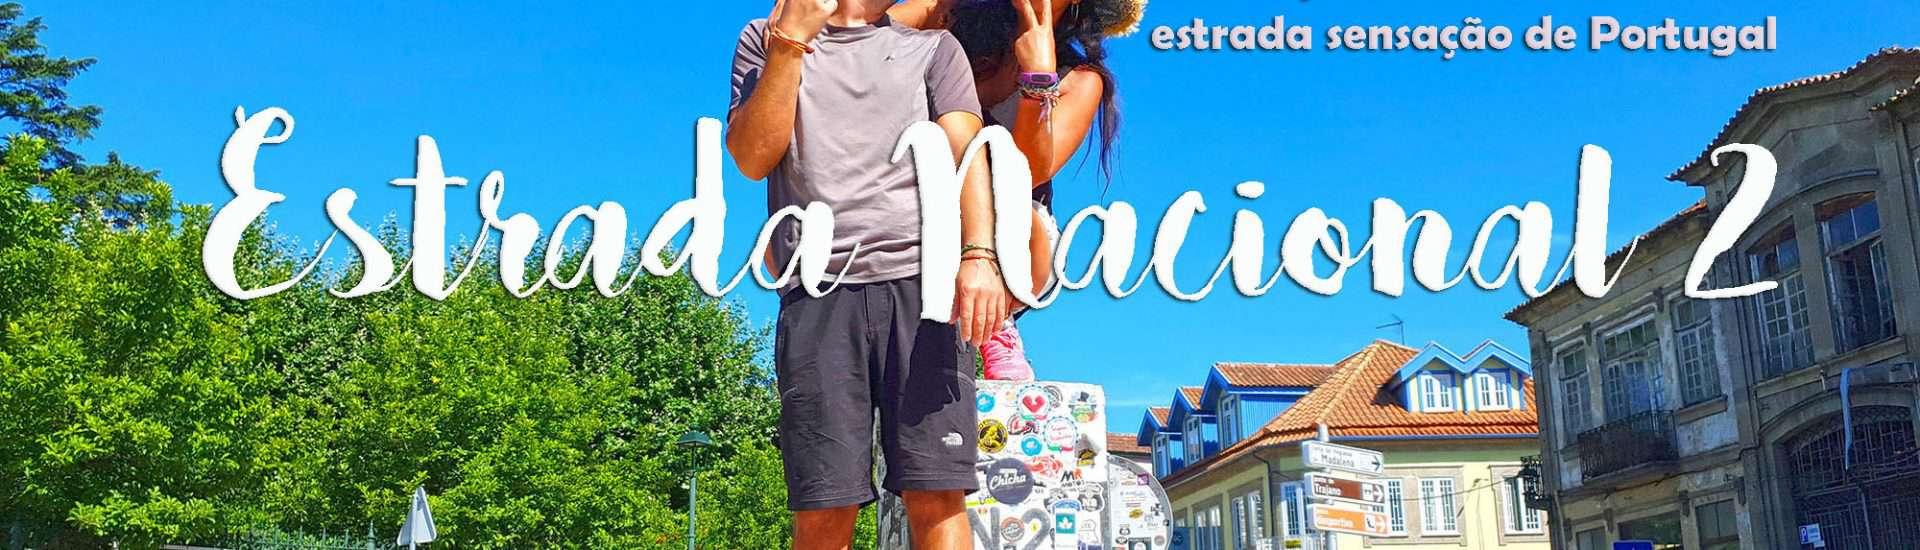 ESTRADA NACIONAL 2 - EN2   O nosso roteiro de viagem de carro com dicas de onde dormir, comer, o que ver e fazer na estrada sensação de Portugal